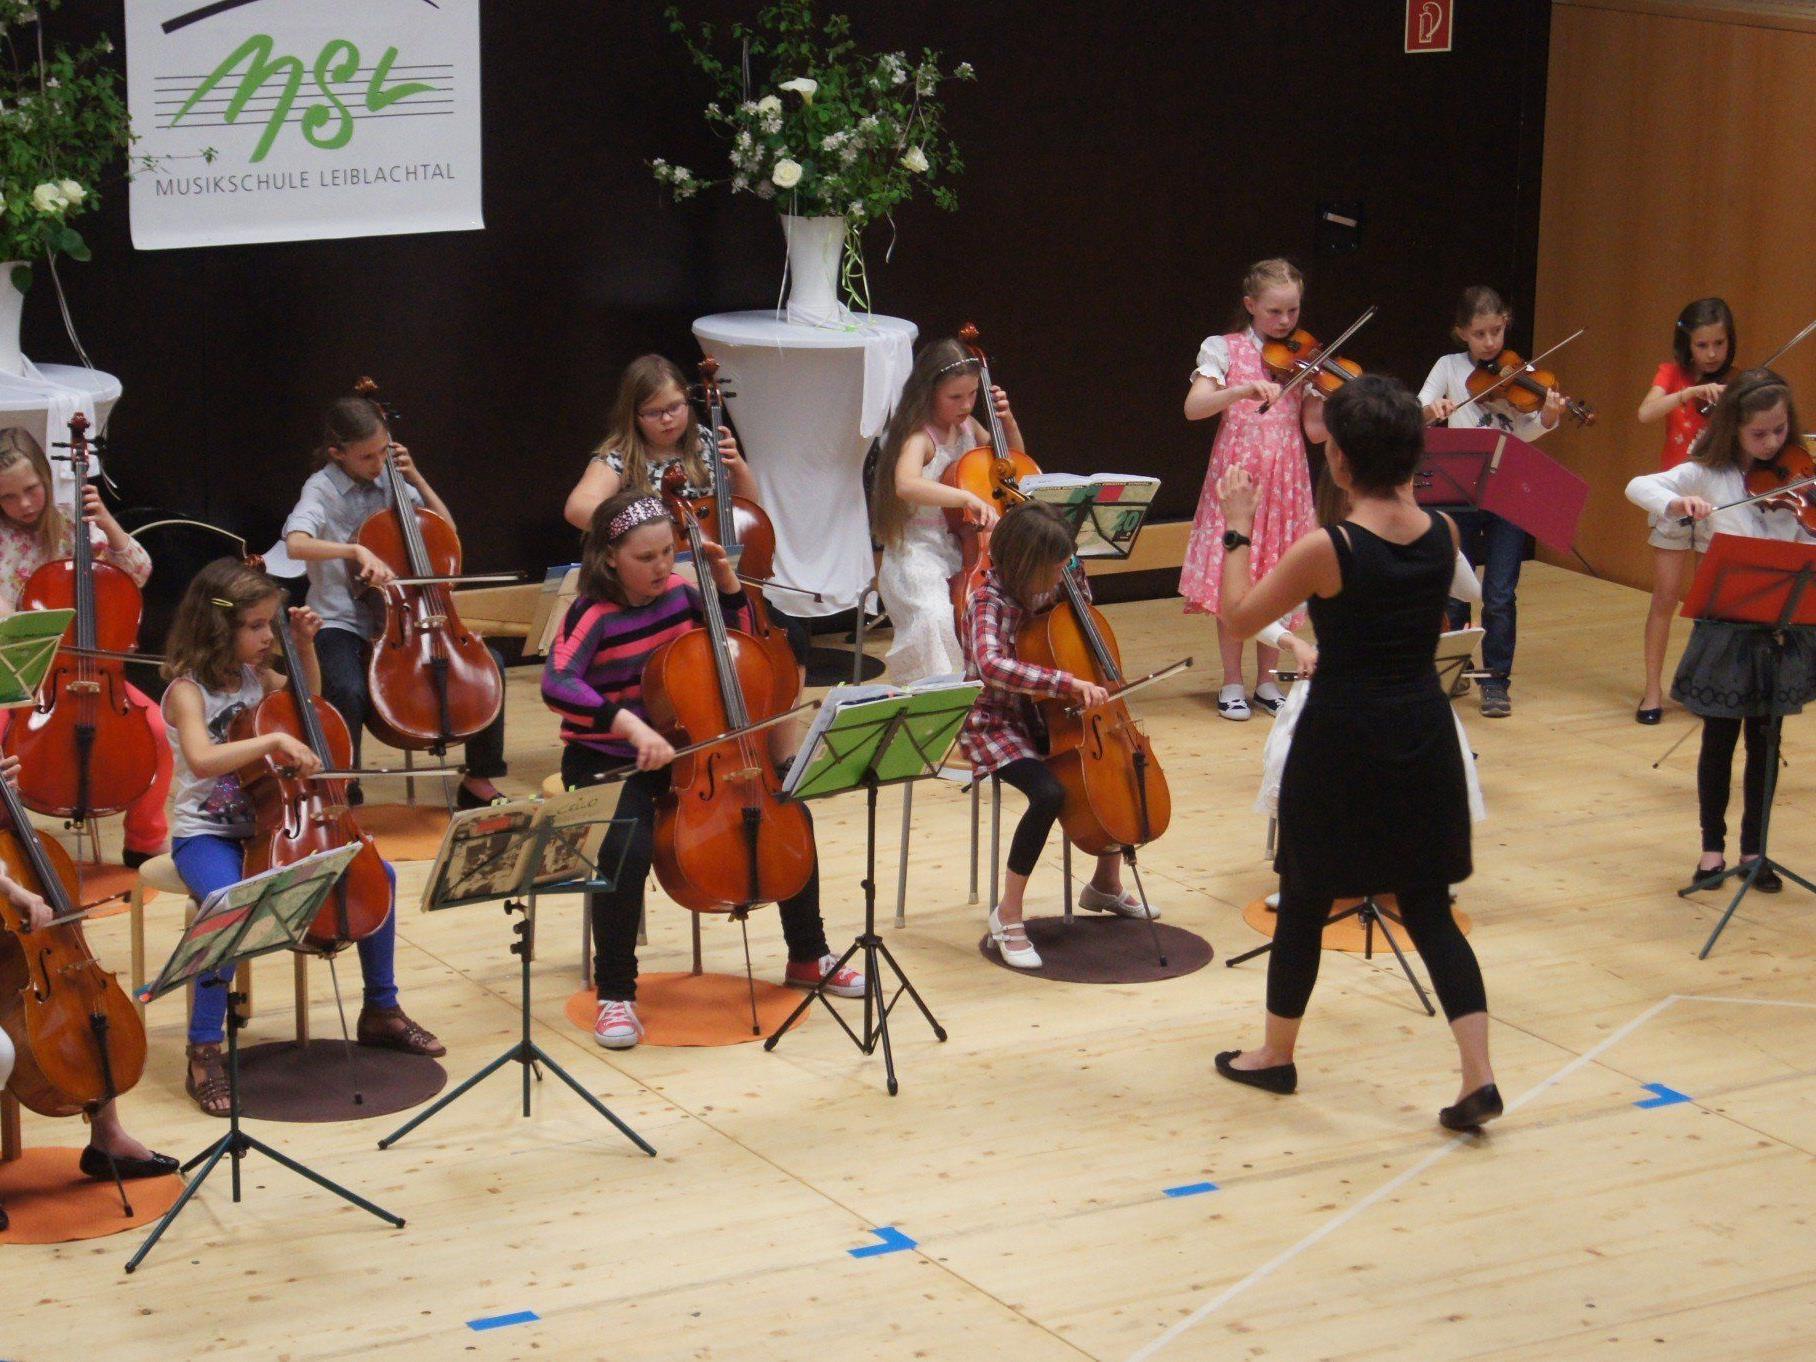 Mit Musik und Tanz gratulieren die jungen Künstler der Musikschule Leiblachtal zum Muttertag.